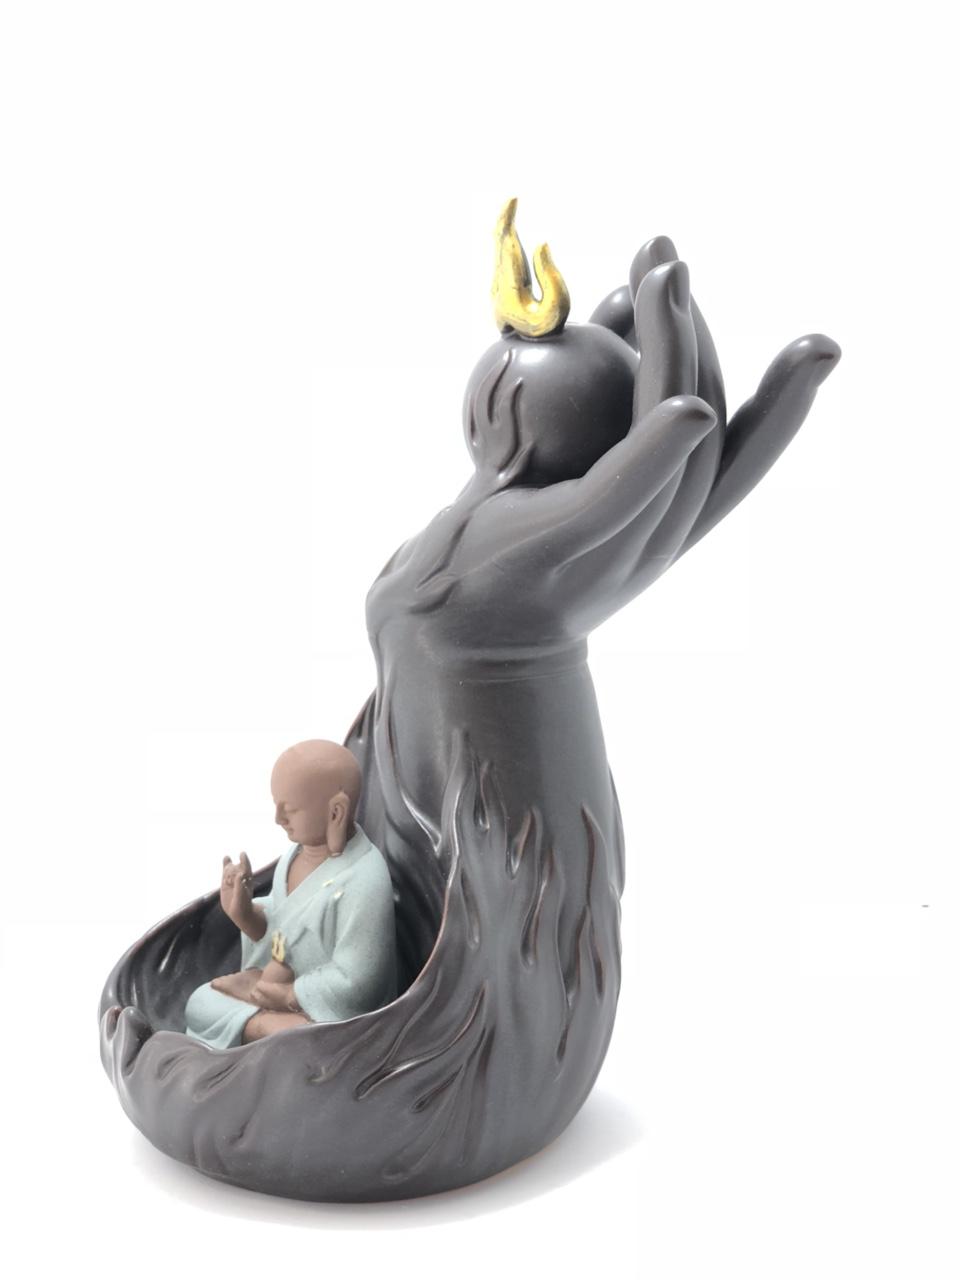 Thác Khói Trầm Hương Phật quả cầu lửa